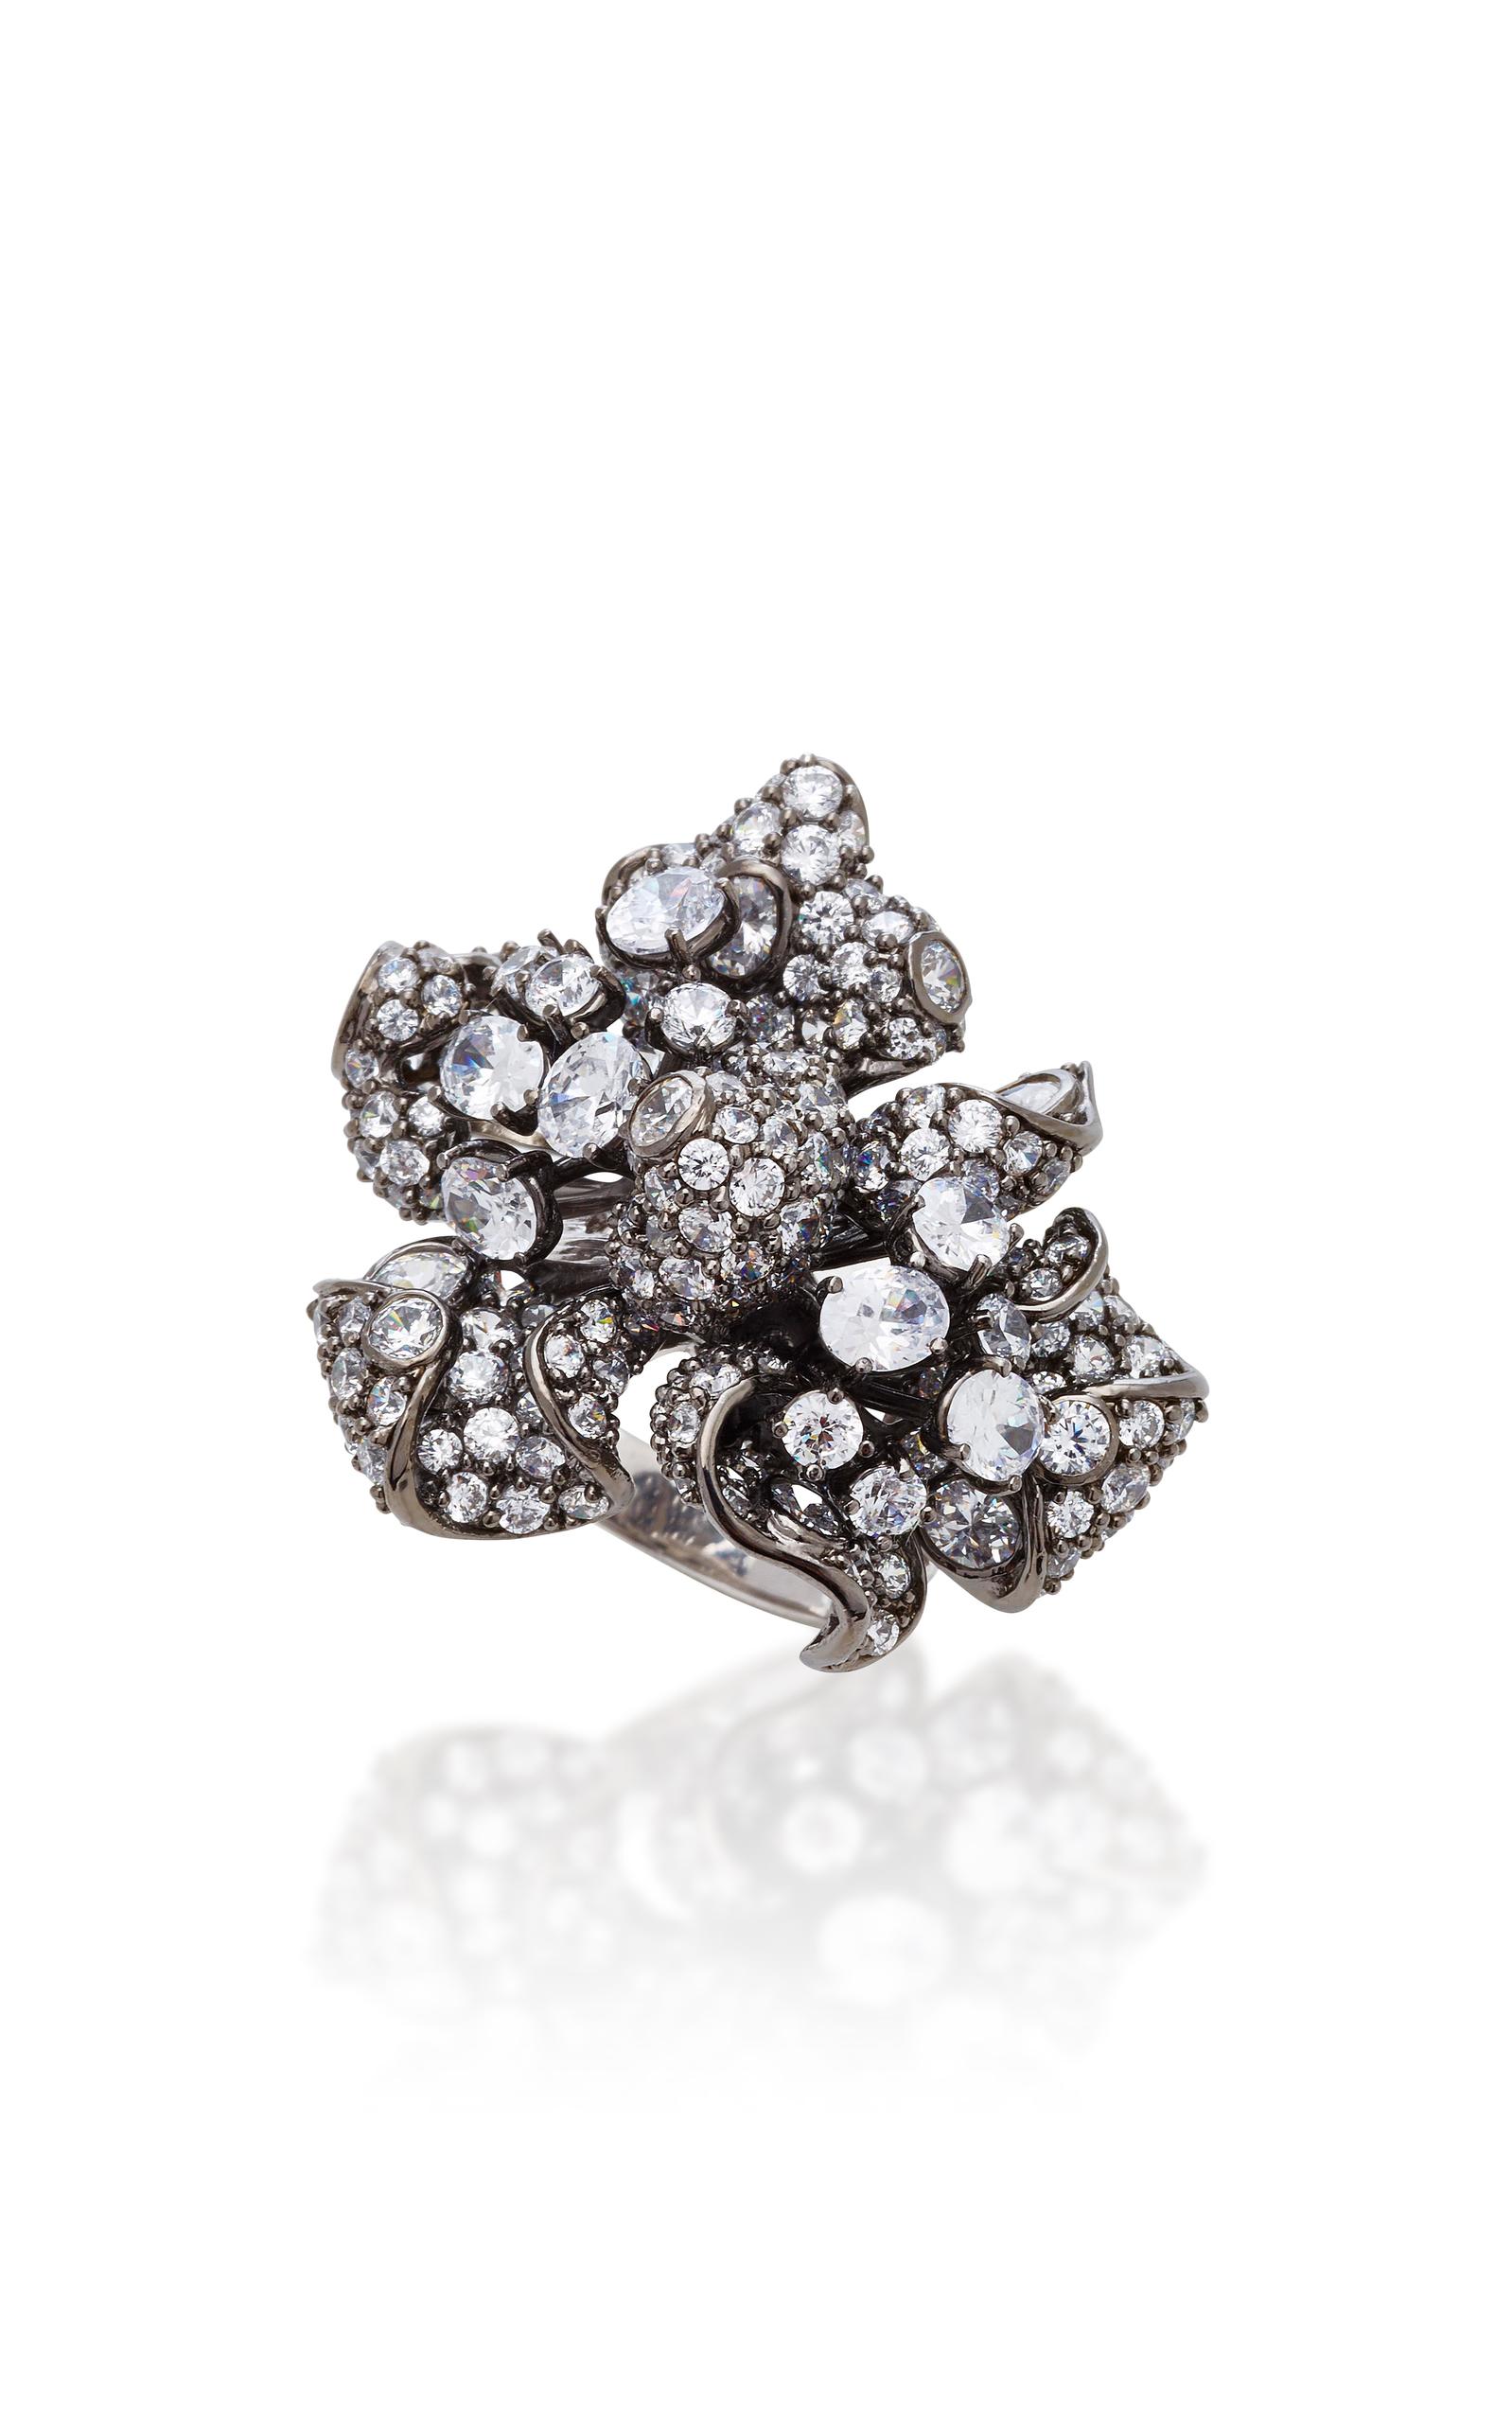 Bloomingdale 18k Bague En Diamant D'or Anabela Chan wp8Wes